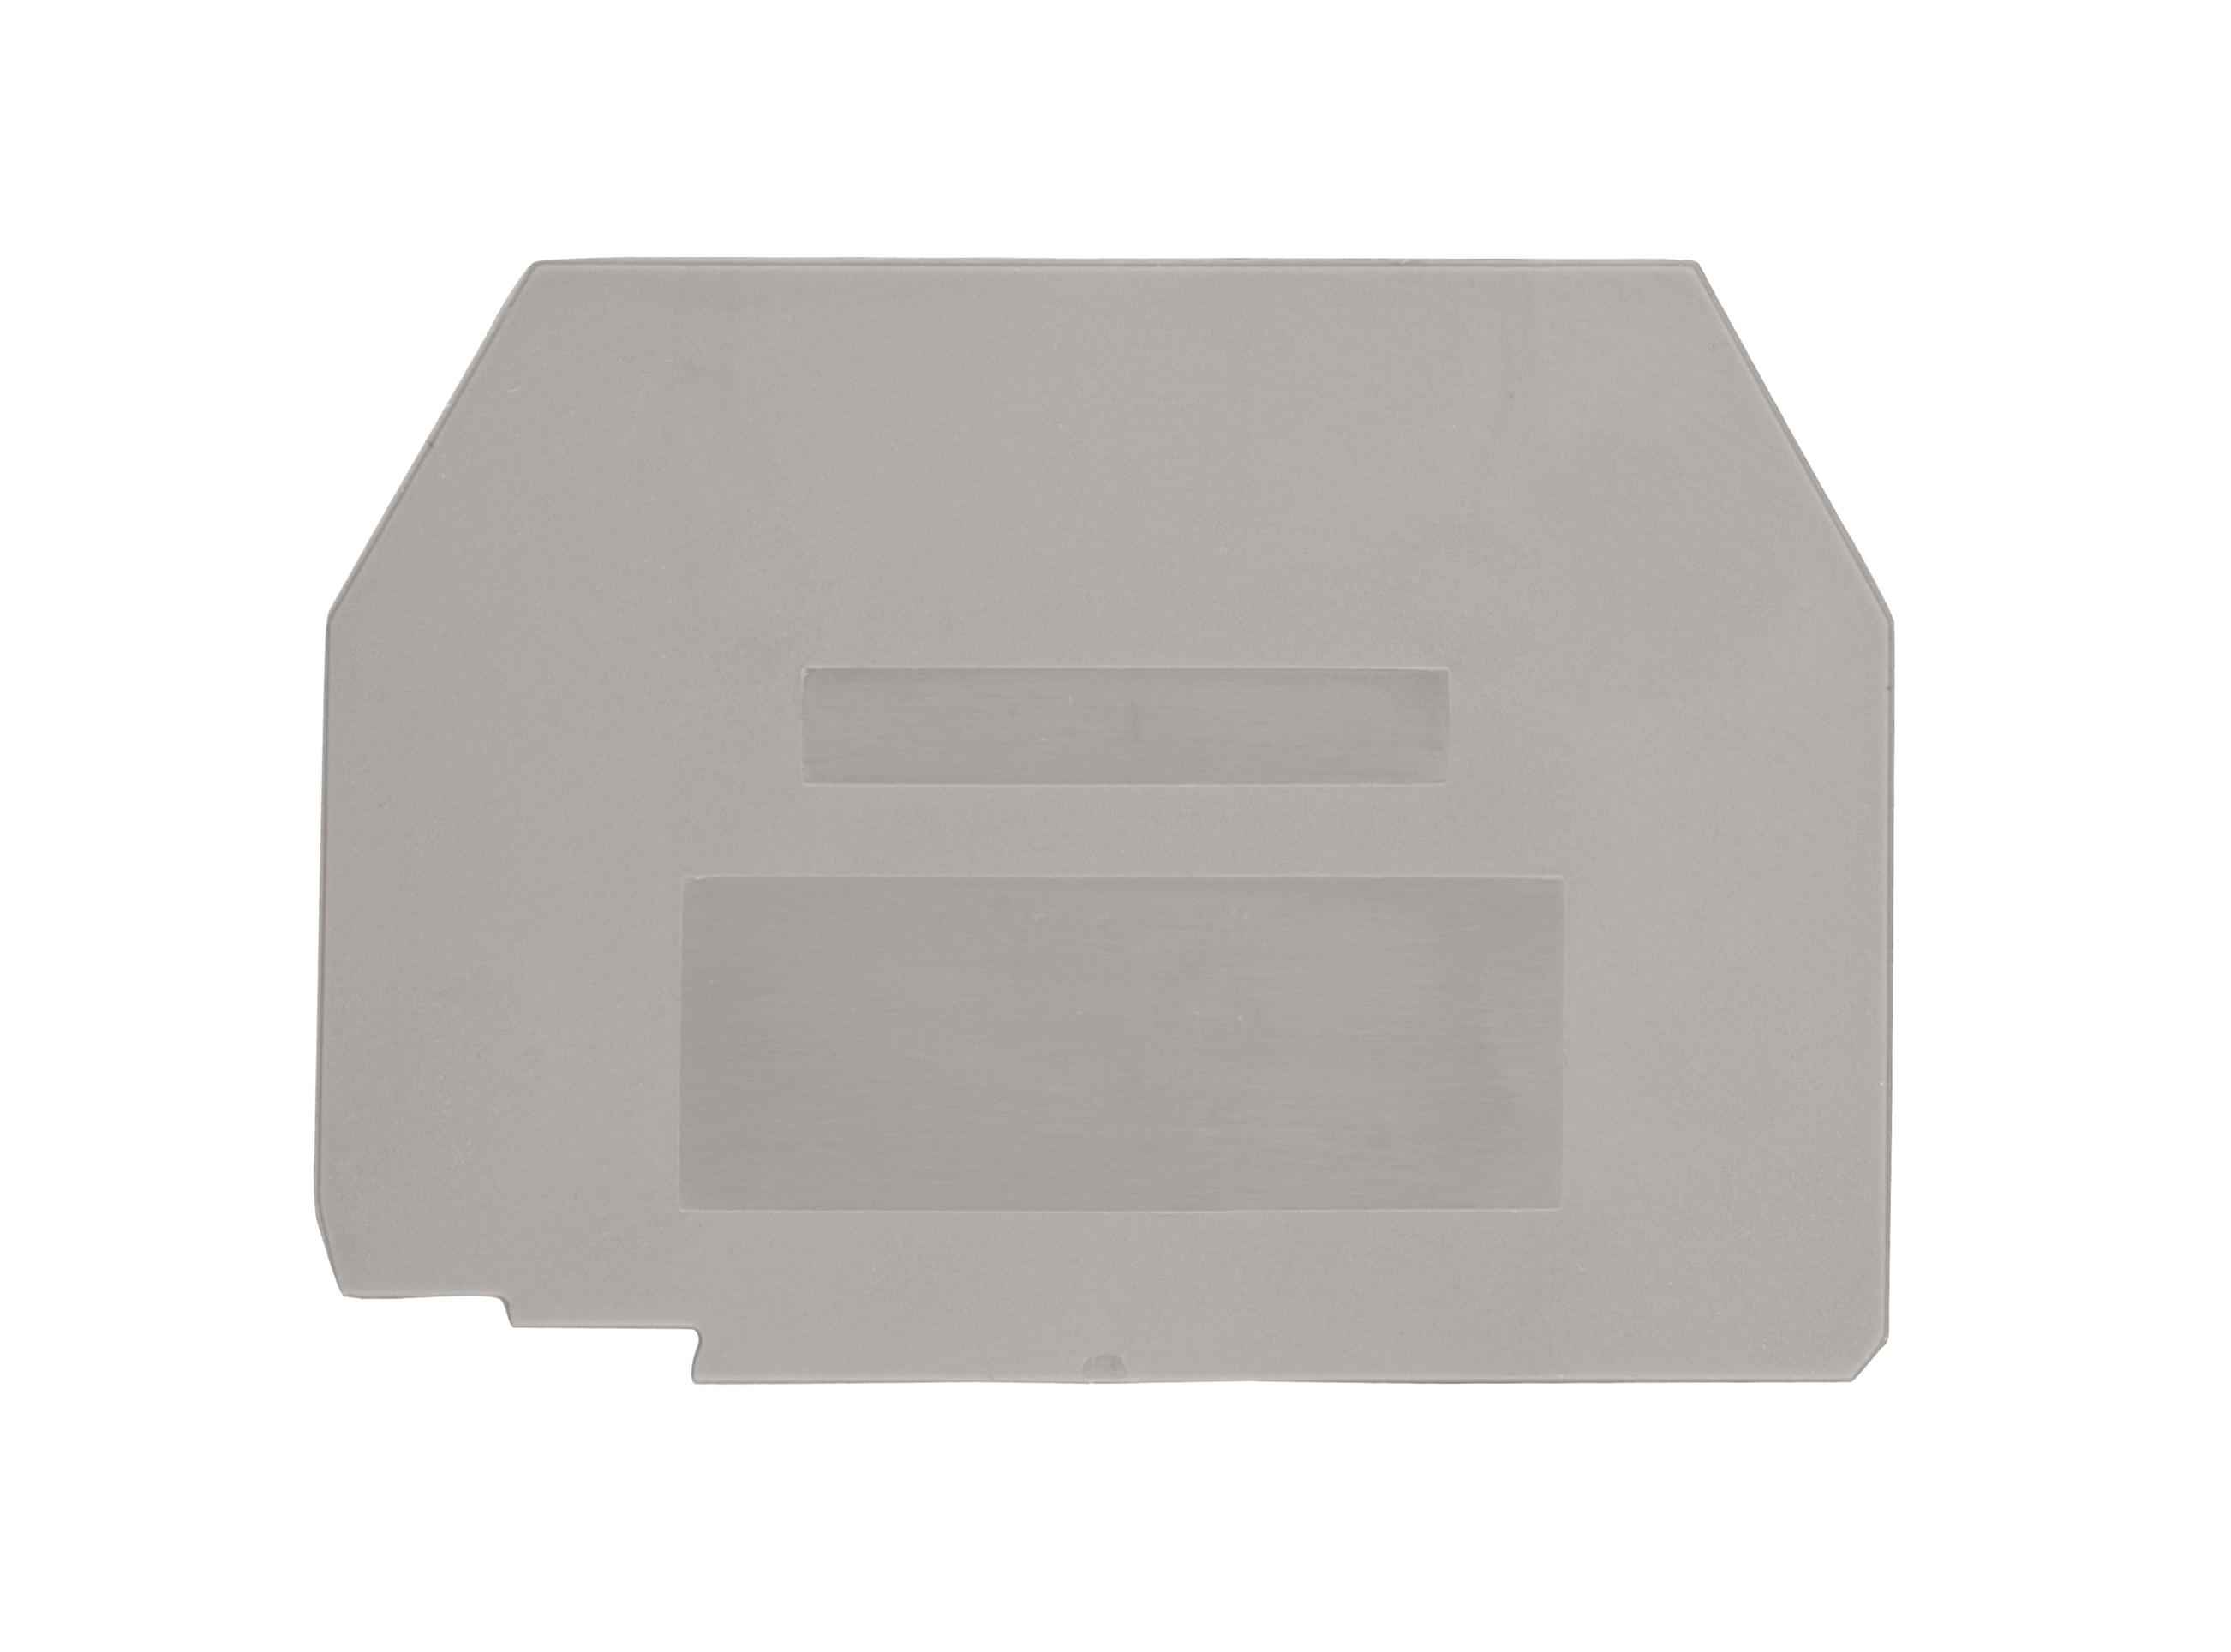 1 Stk Endplatte für Trennklemme ASK 3 A grau IK631202--